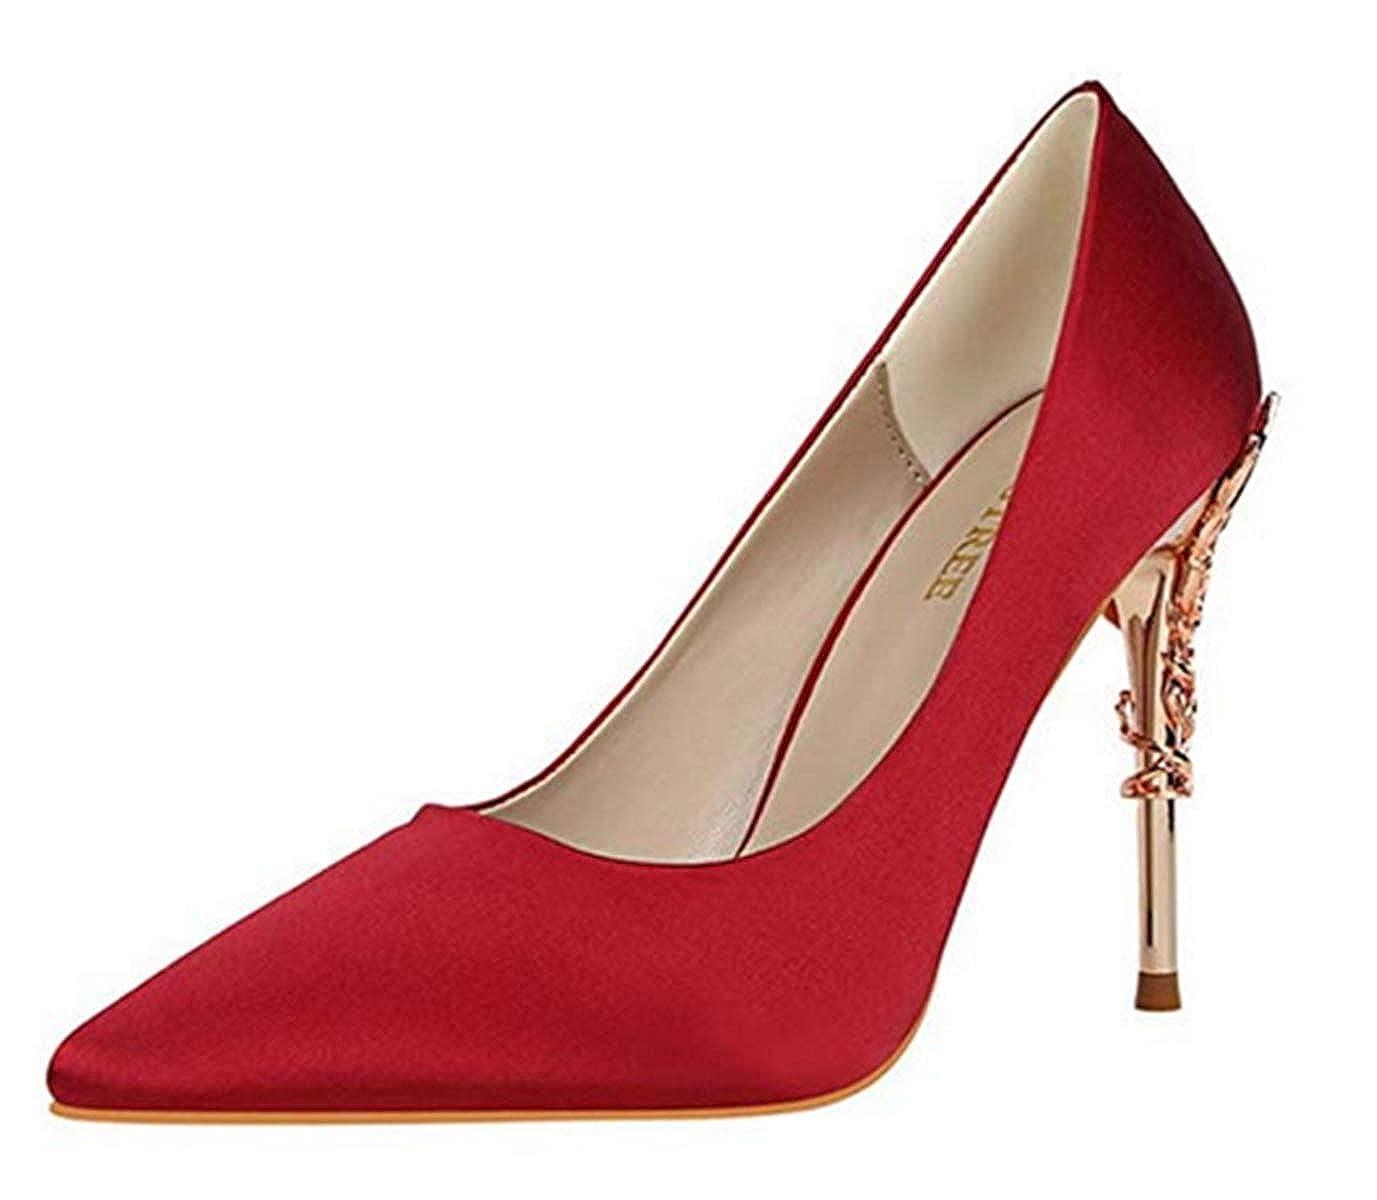 Damen Spitz Satin Satin Satin High Heels Stilettoabsatz Stilettos Schuhe Mit Hohen Absätzen Sexy Nachtclub Partyschuhe Wild Einzelne Schuhe Mode Pumps Schuhe e94ba1